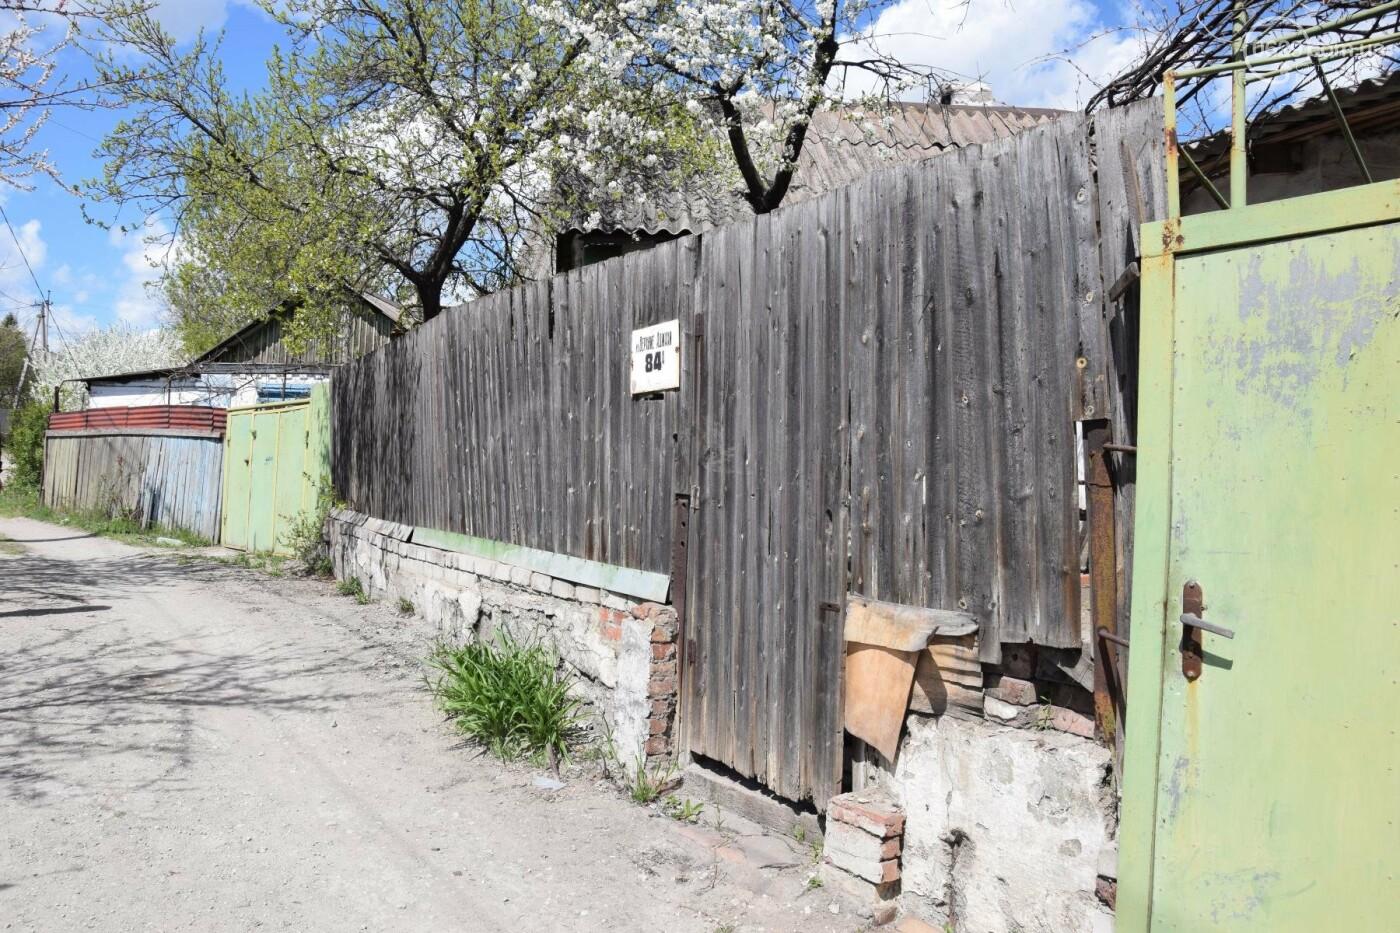 Ревитализация по-гданьски: что можно сделать с Верхними Аджахами, и какой могла бы стать ул. Торговая в Мариуполе, фото-18